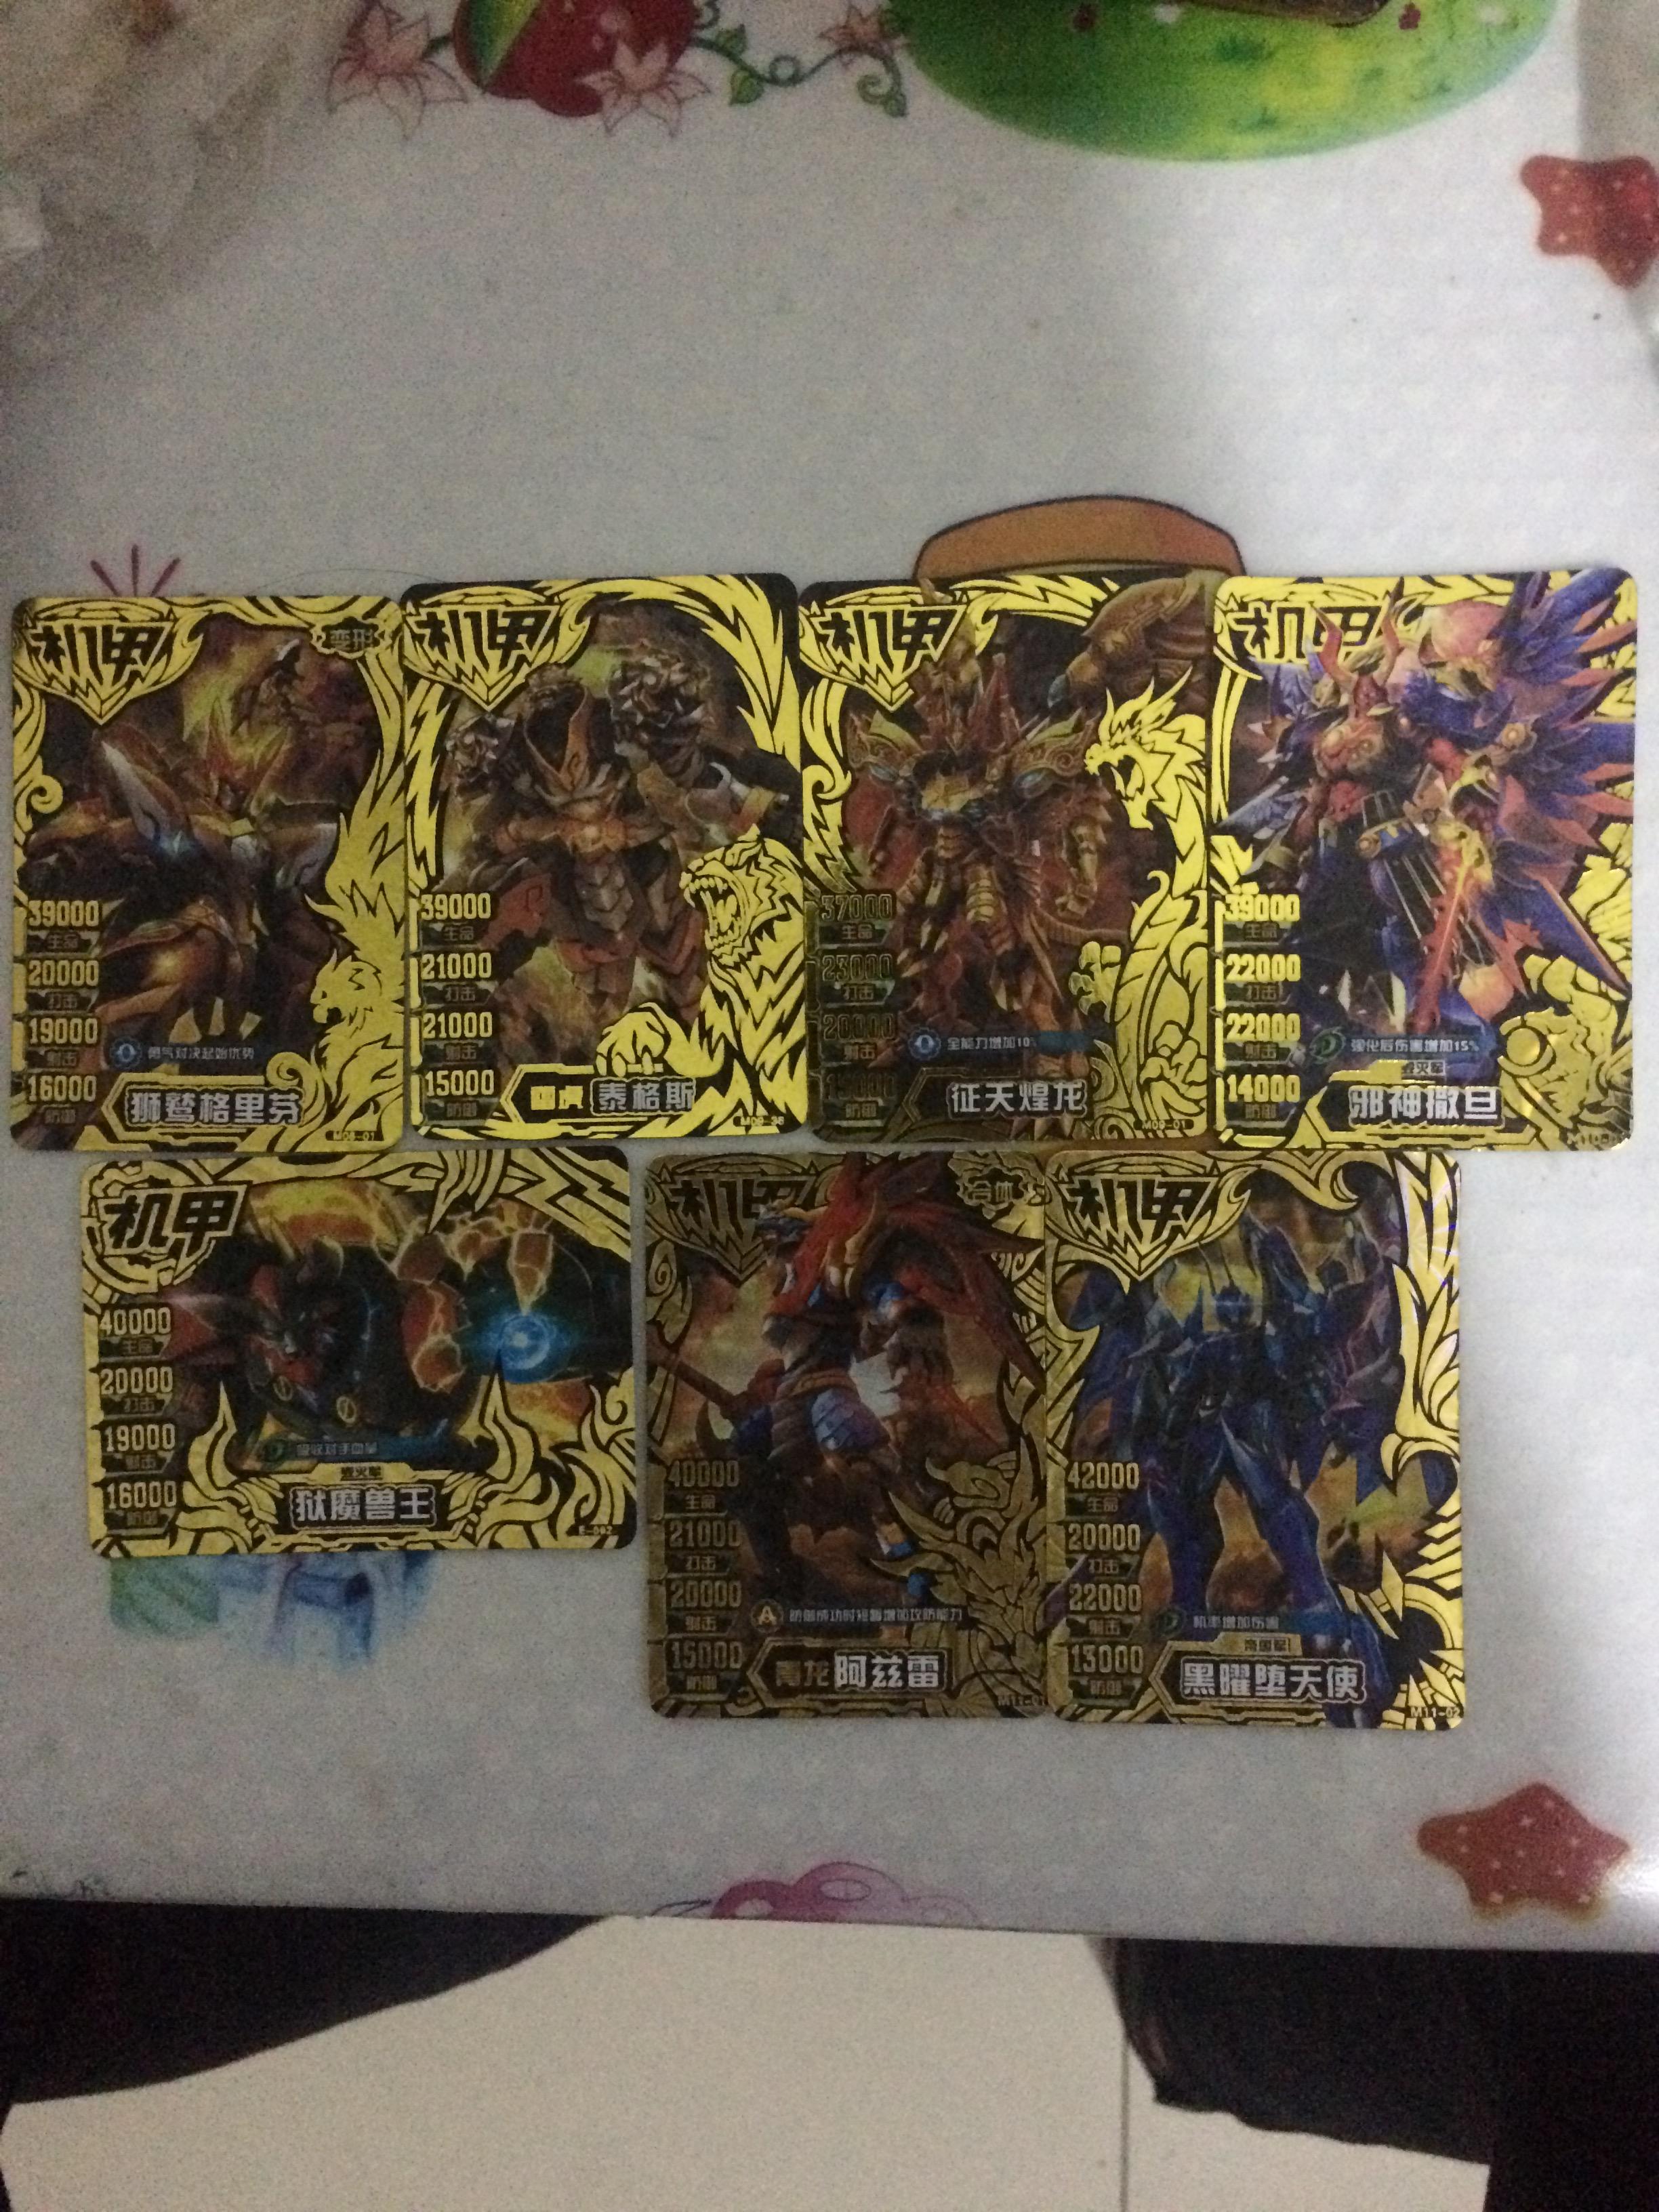 机甲英雄 黑钻卡5张 格里芬,征天煌龙,雷虎等 包邮送卡盒